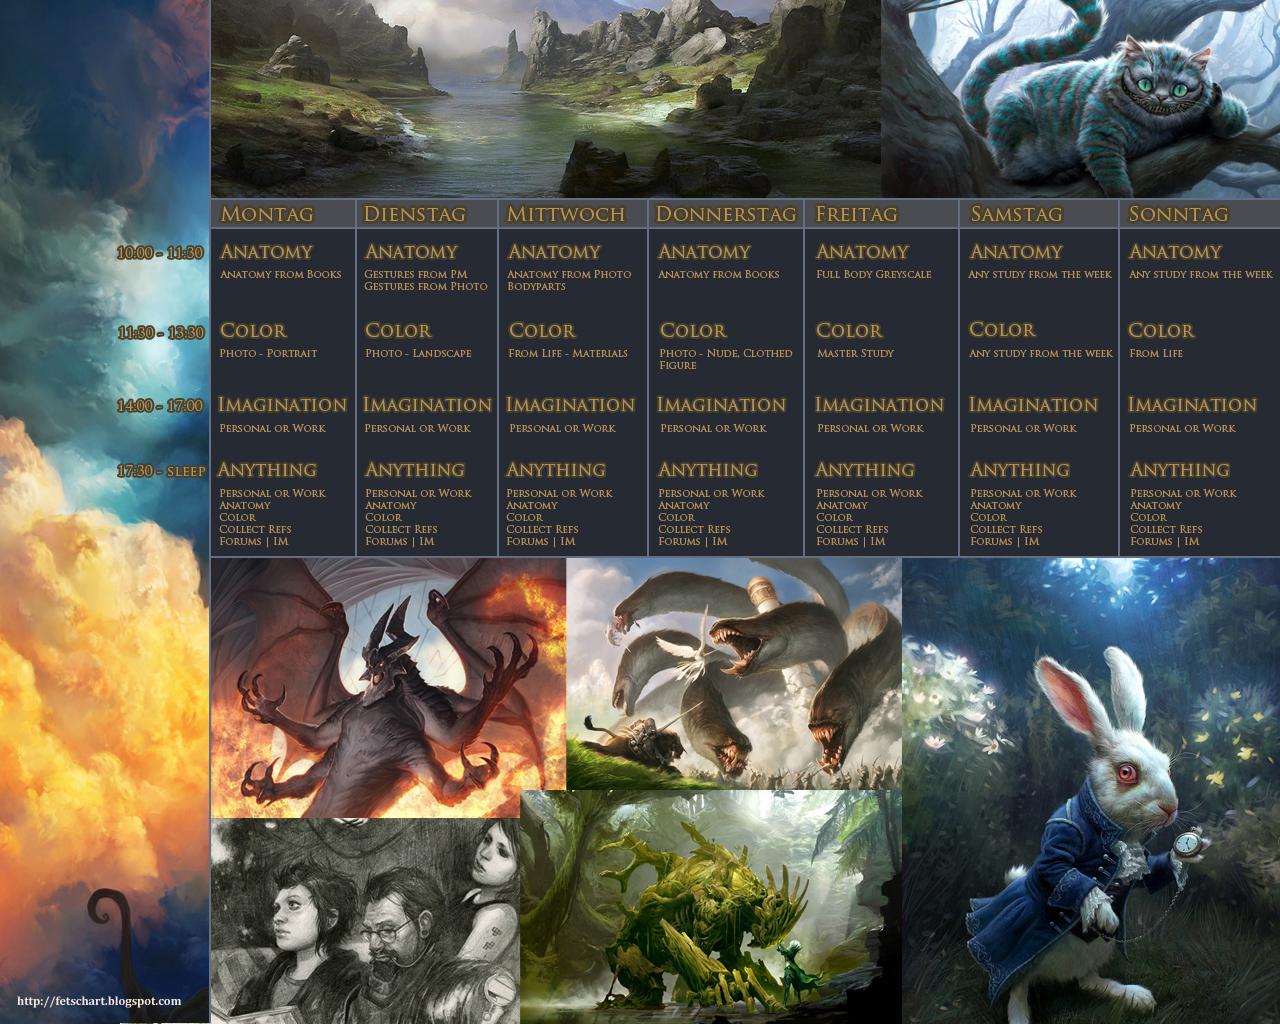 http://2.bp.blogspot.com/-naArgDmRivk/UQHDUHacyuI/AAAAAAAAAUM/8Ro2dCaQB-c/s1600/Fetsch_schedule.jpg